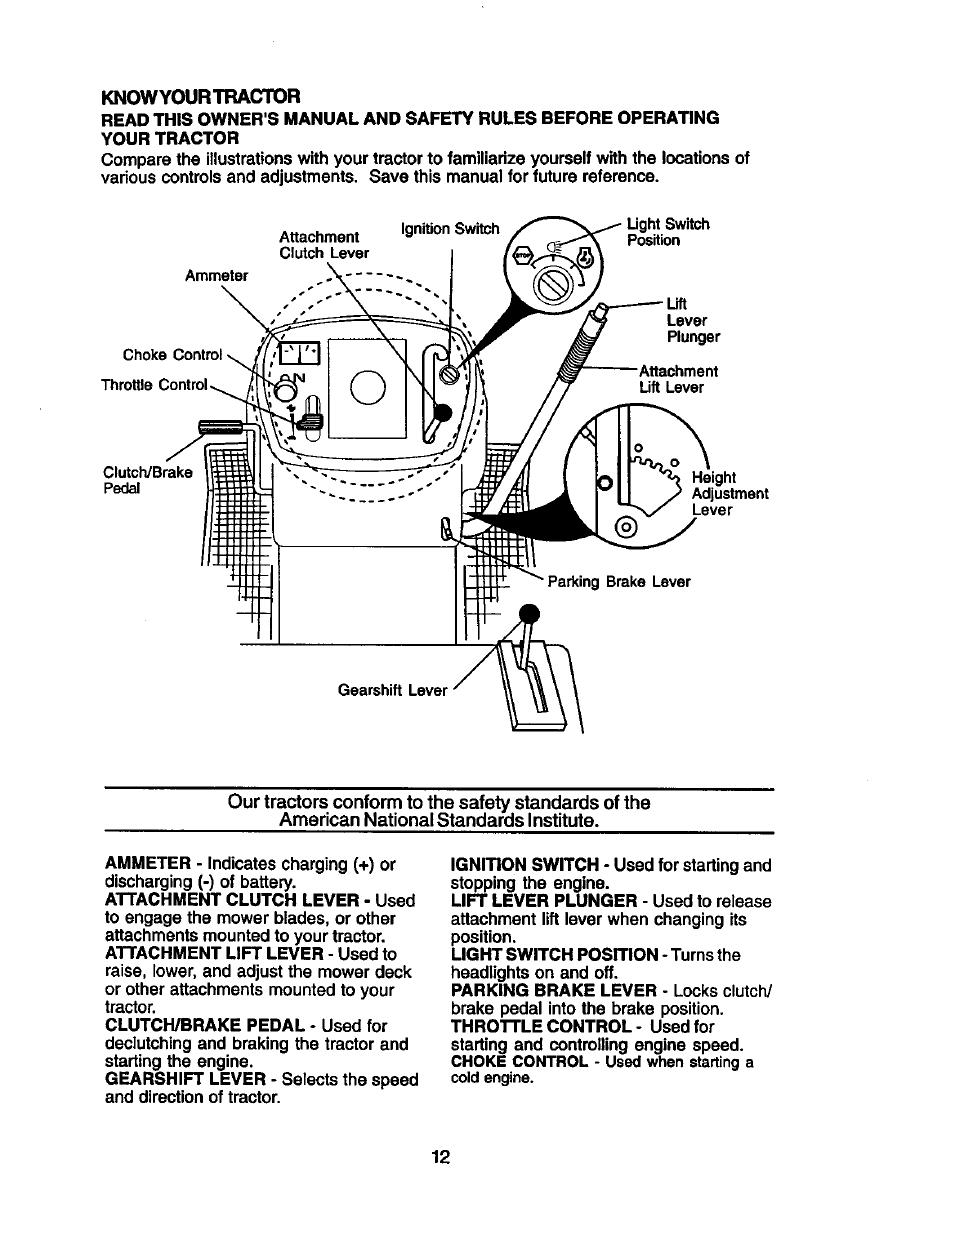 Craftsman 917 271910 User Manual | Page 12 / 56